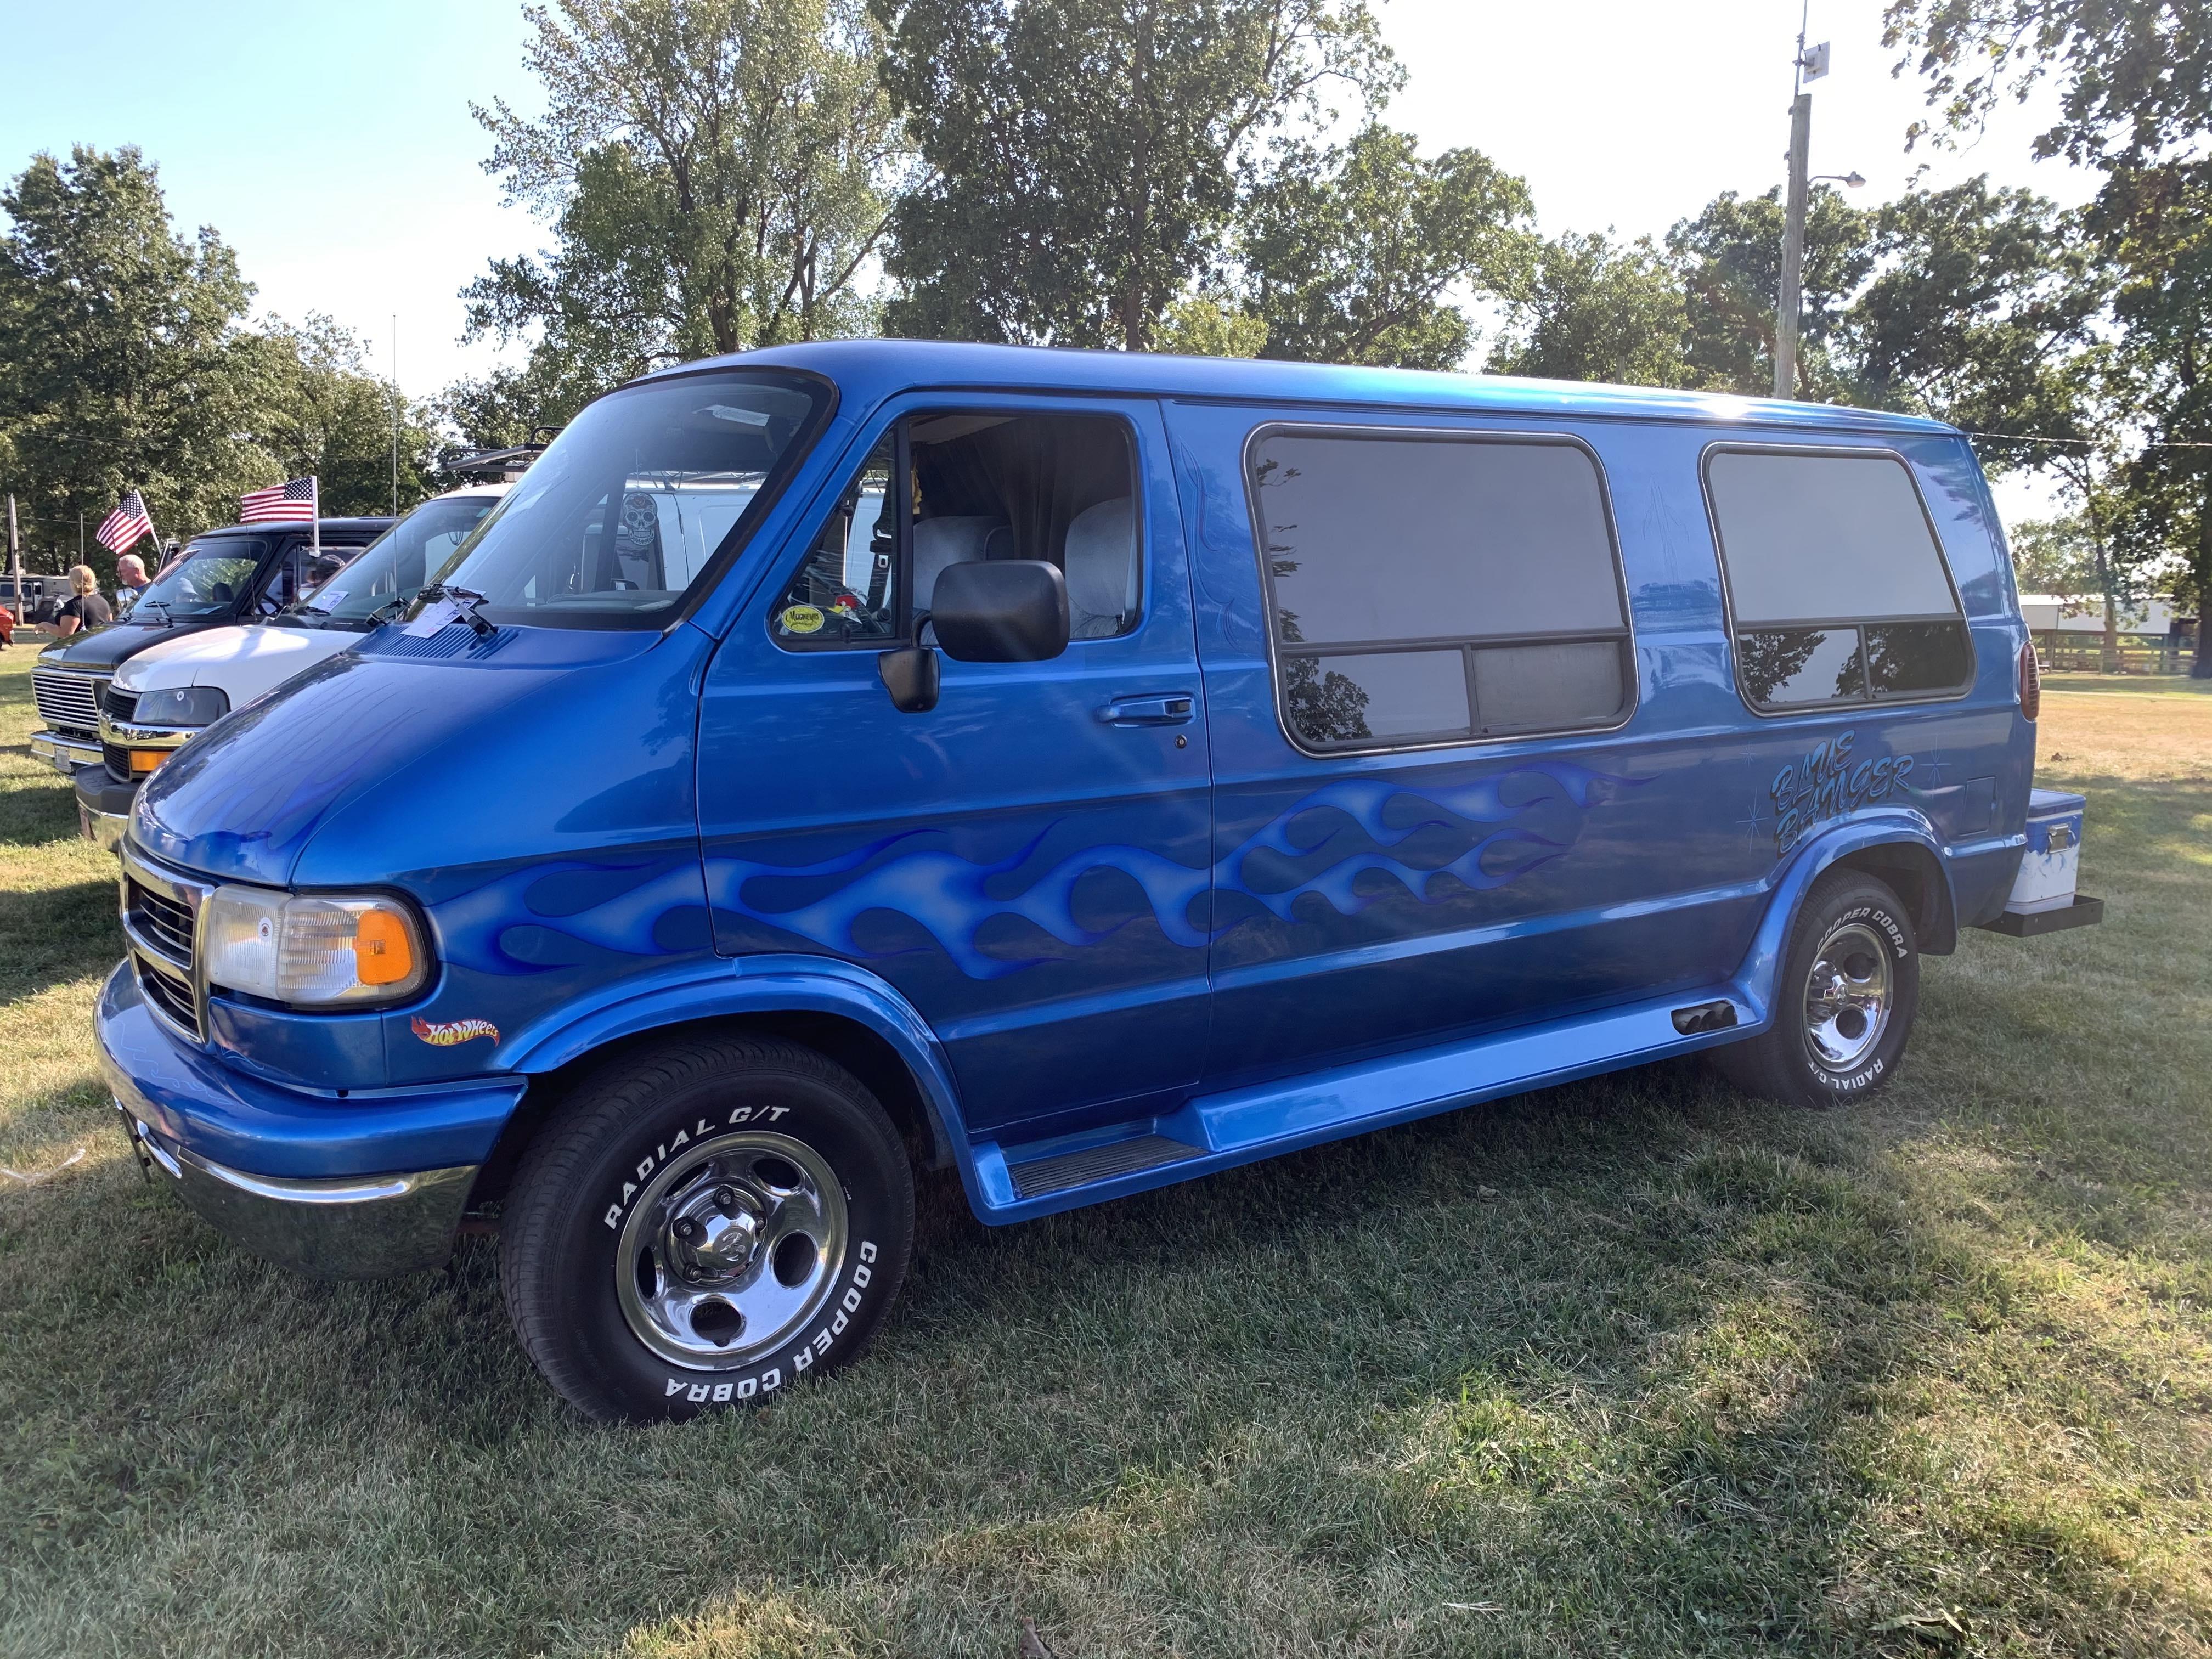 Kevin DeKock's 1996 Dodge